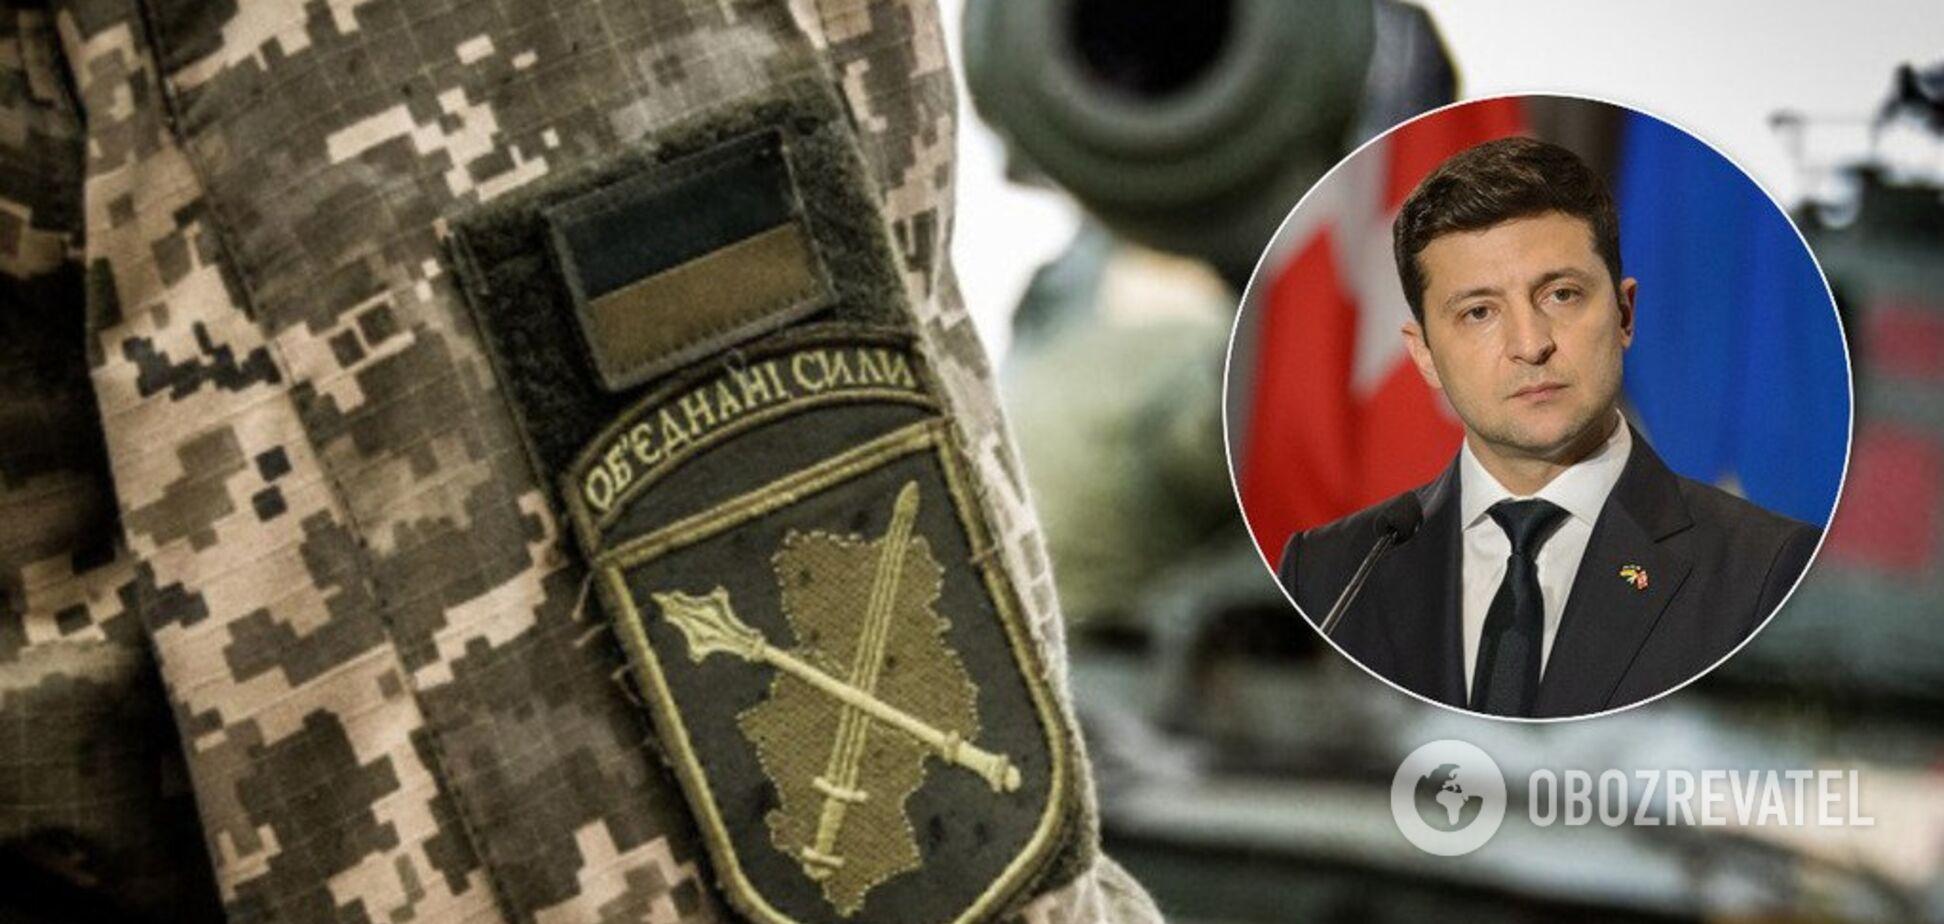 'Зеленського хочуть розвернути': волонтер попередив про нові плани Кремля щодо Донбасу